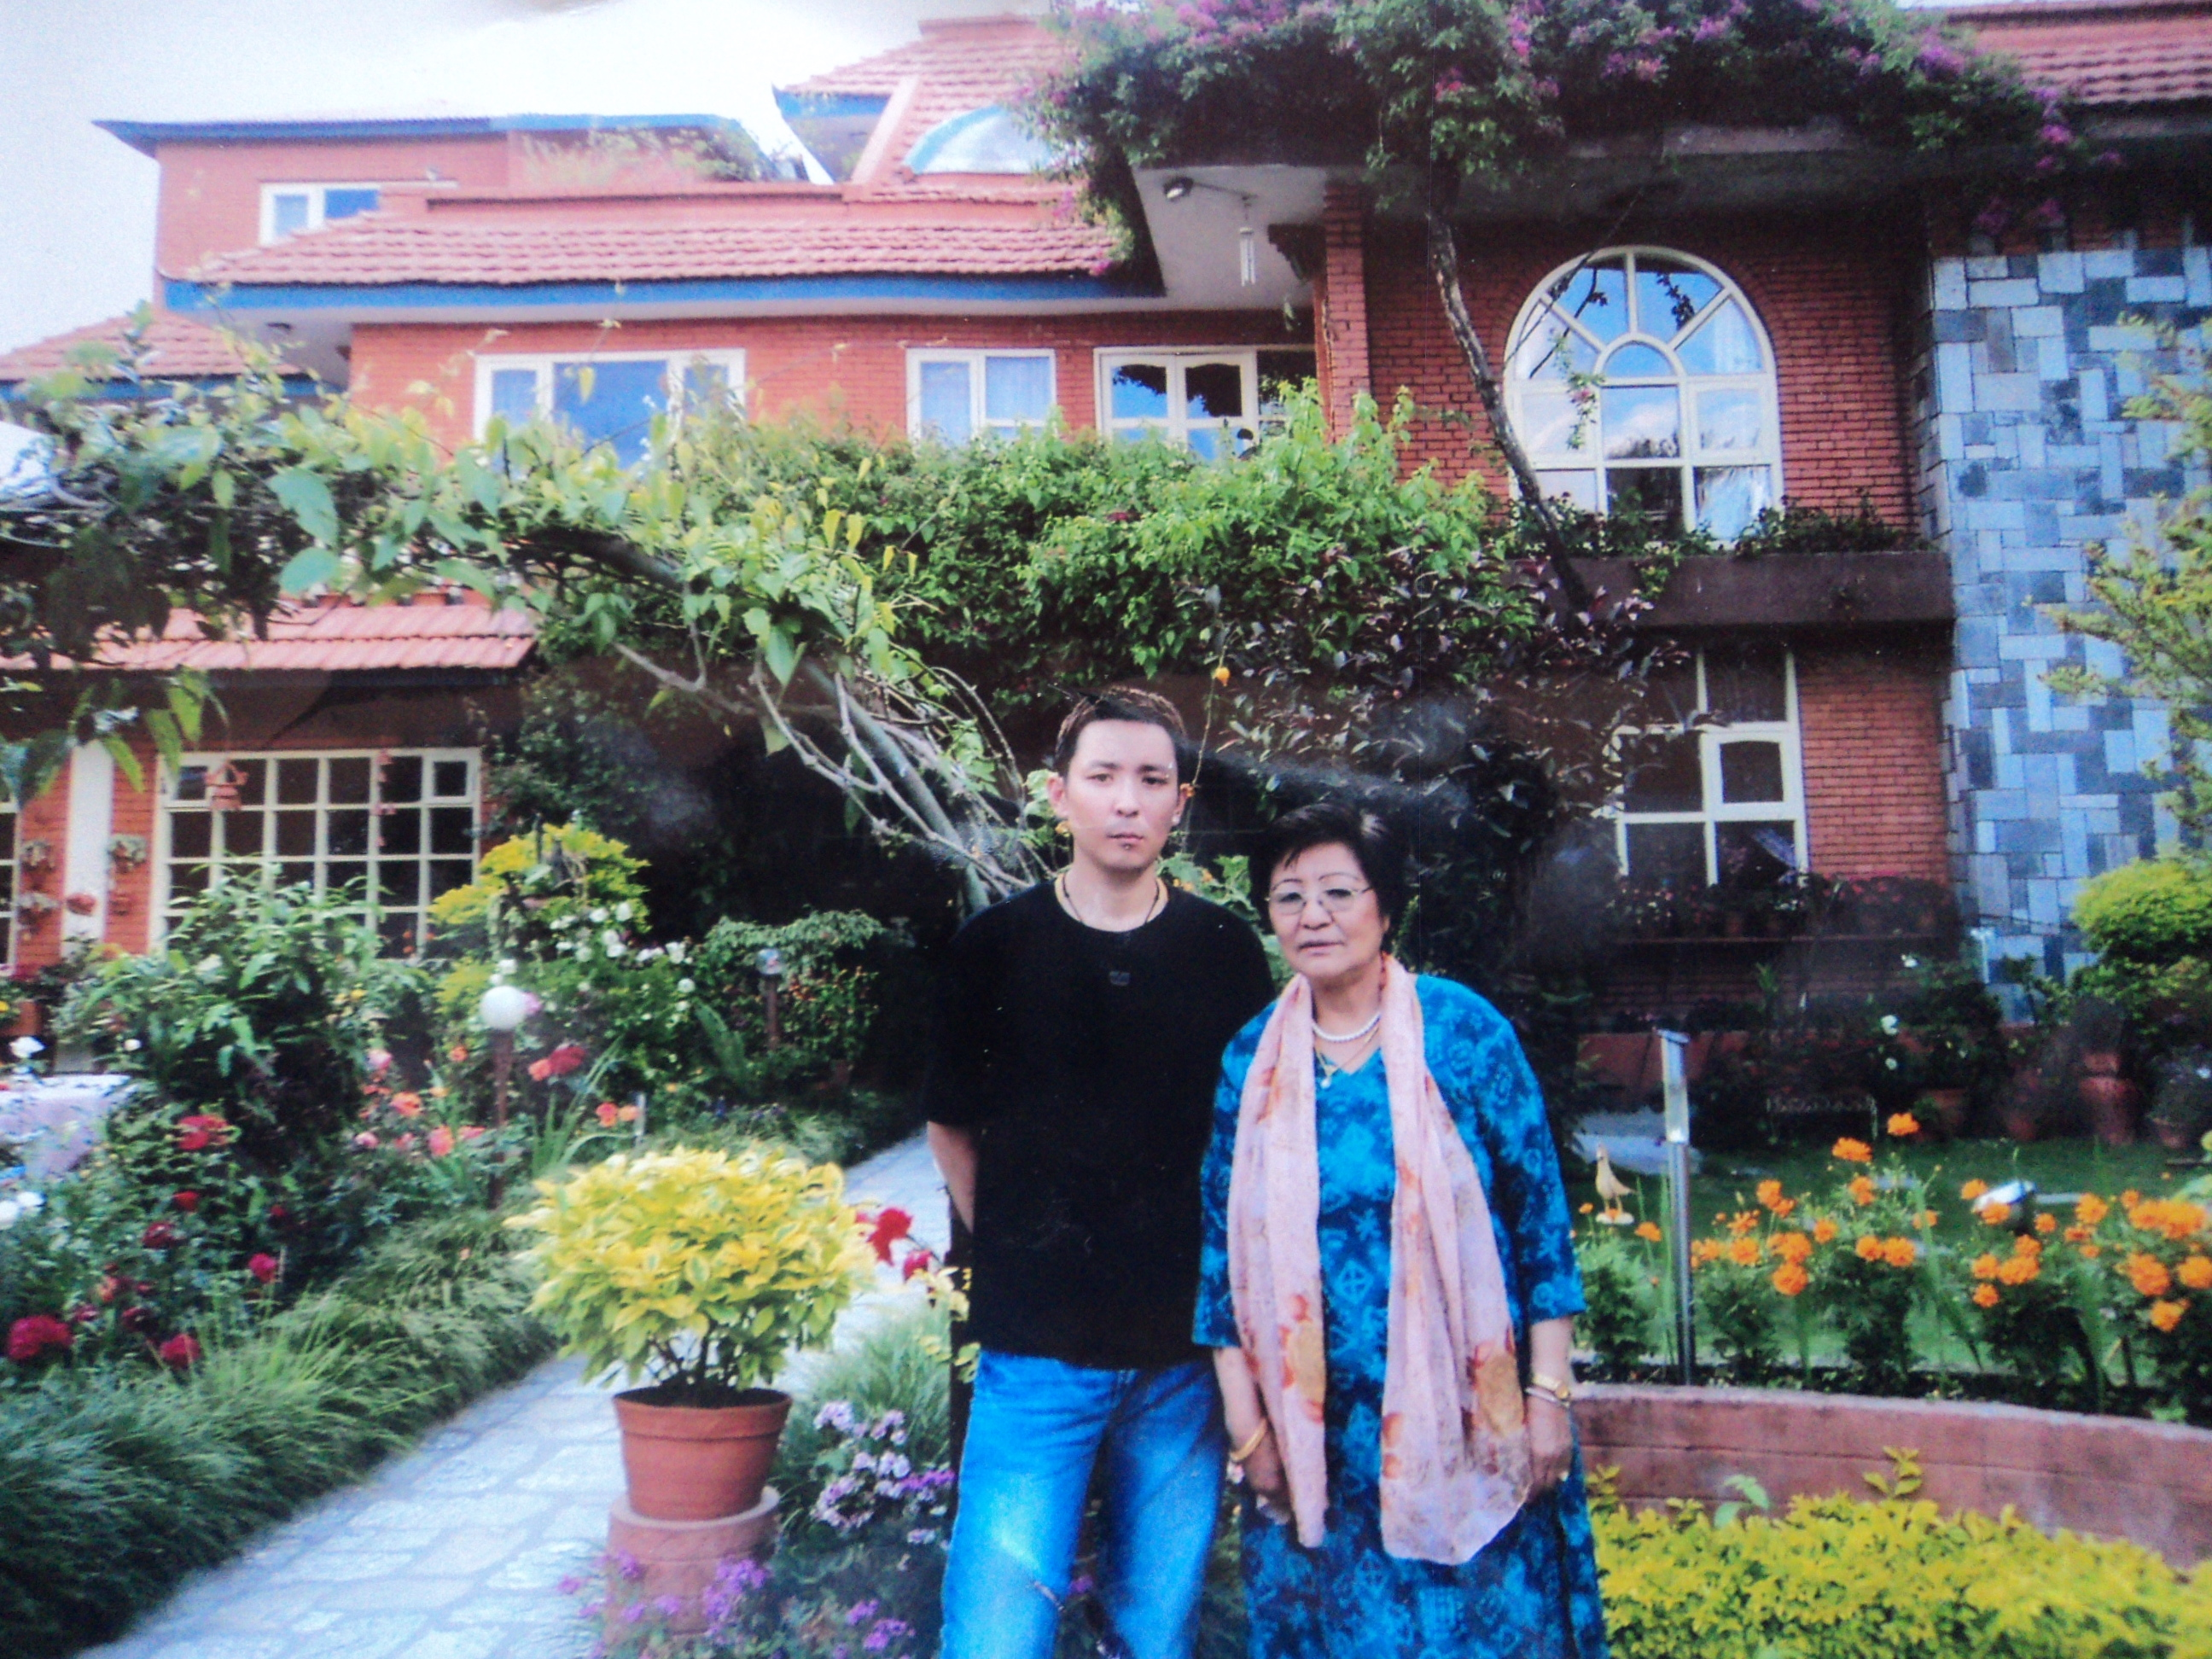 Doma mit Jigmi im Garten ihres Hauses in Kathmandu